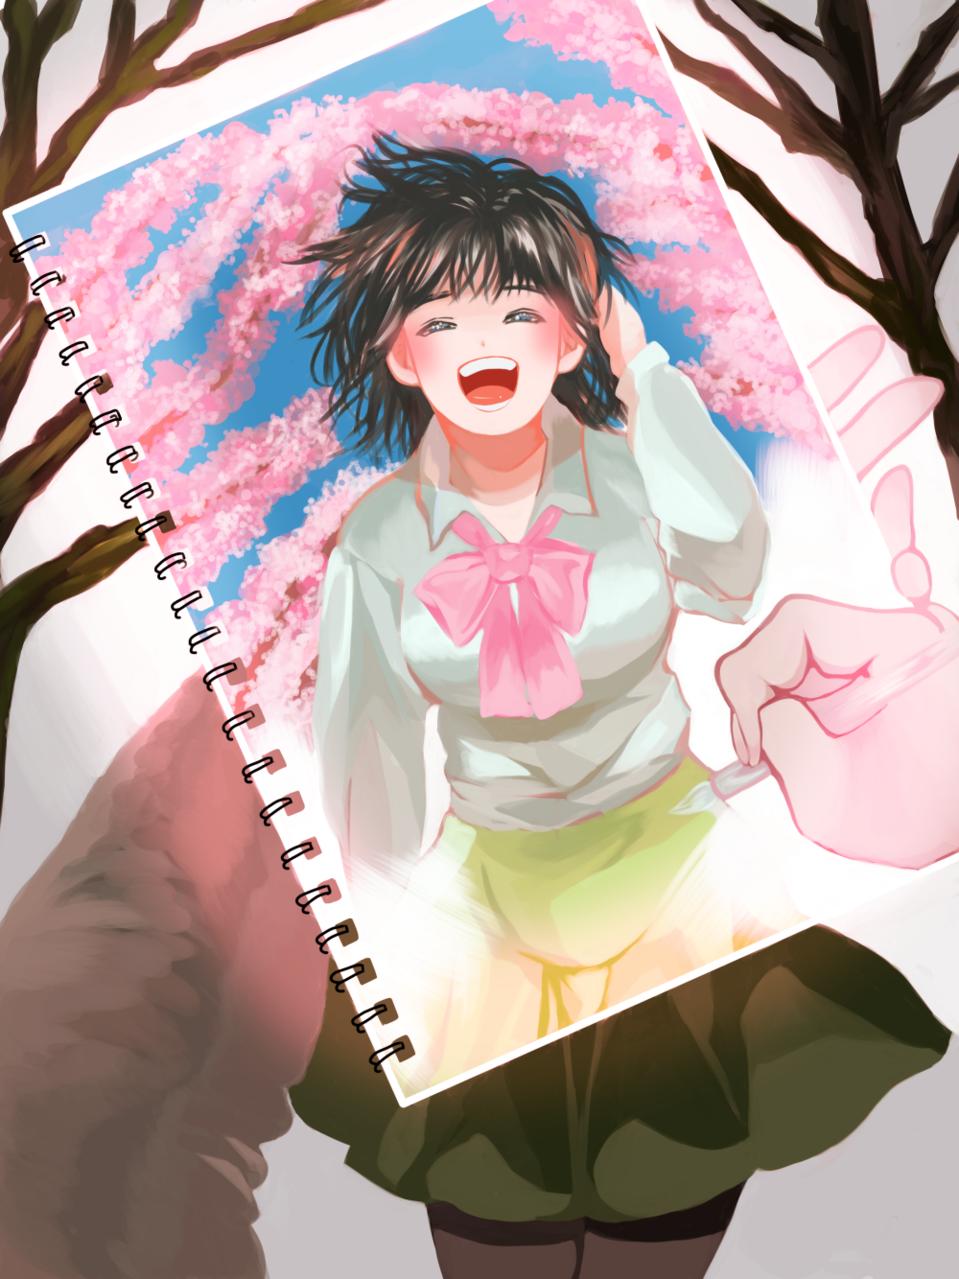 桜が咲いたら Illust of さや Original_Illustration_Contest